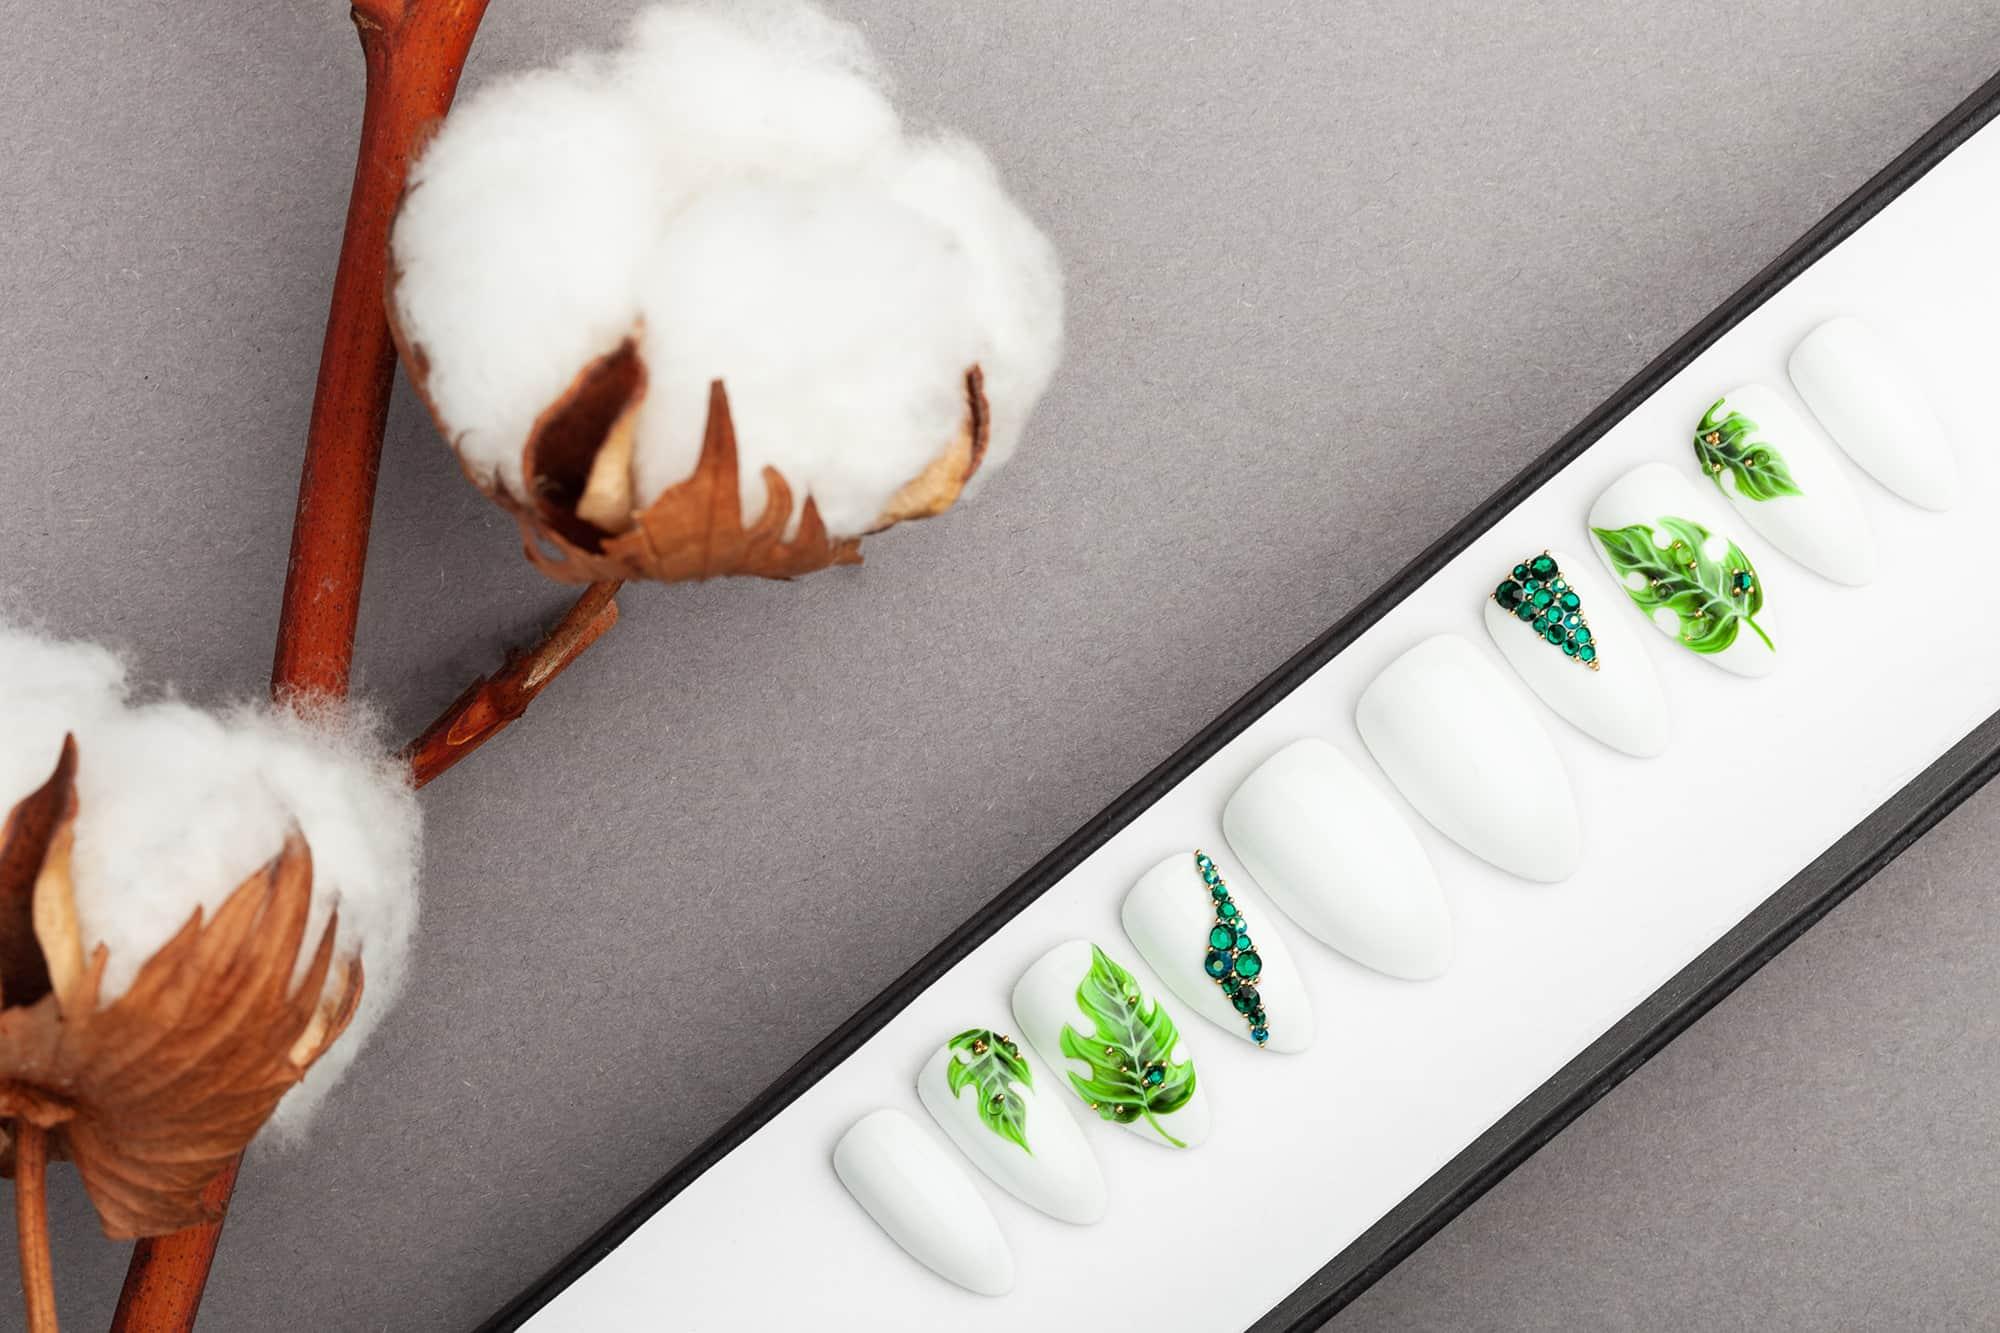 White Press on Nails with Palm Leaves and Swarovski Crystals | Nail Art | Fake Nails | False Nails | Glue On Nails| Acrylic Nails